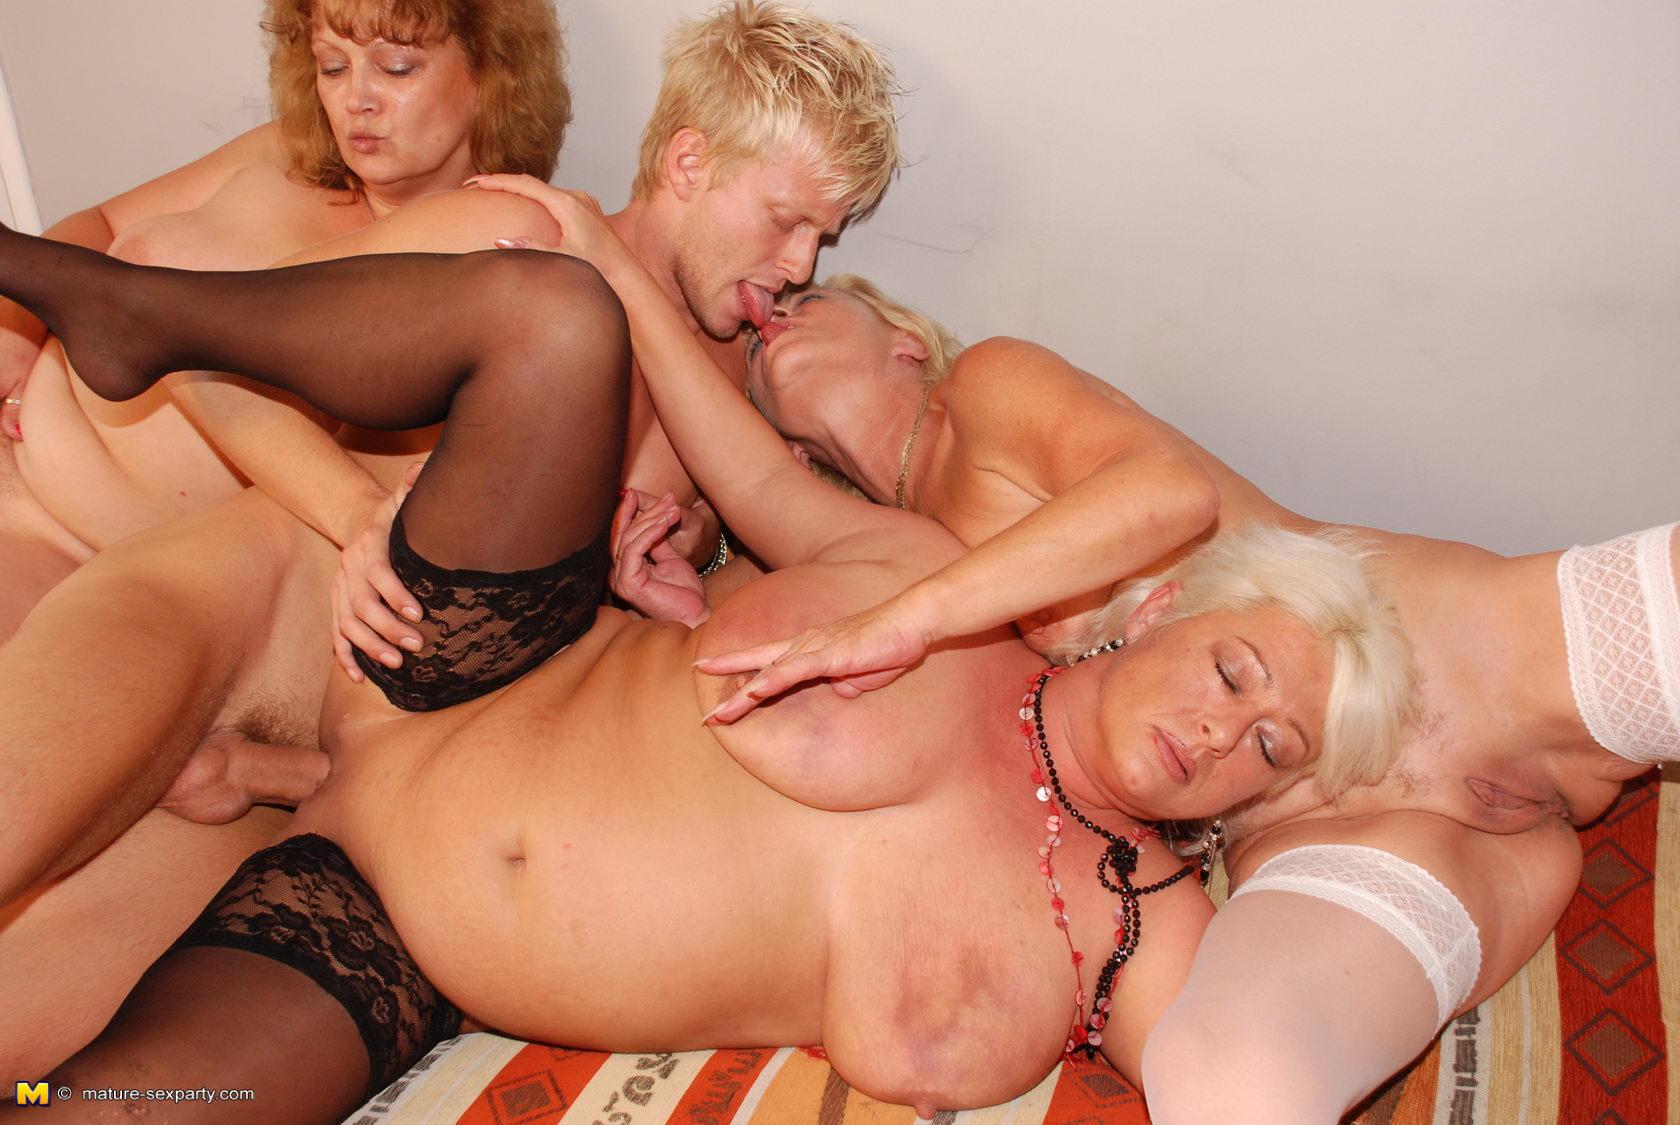 Layla adams porn